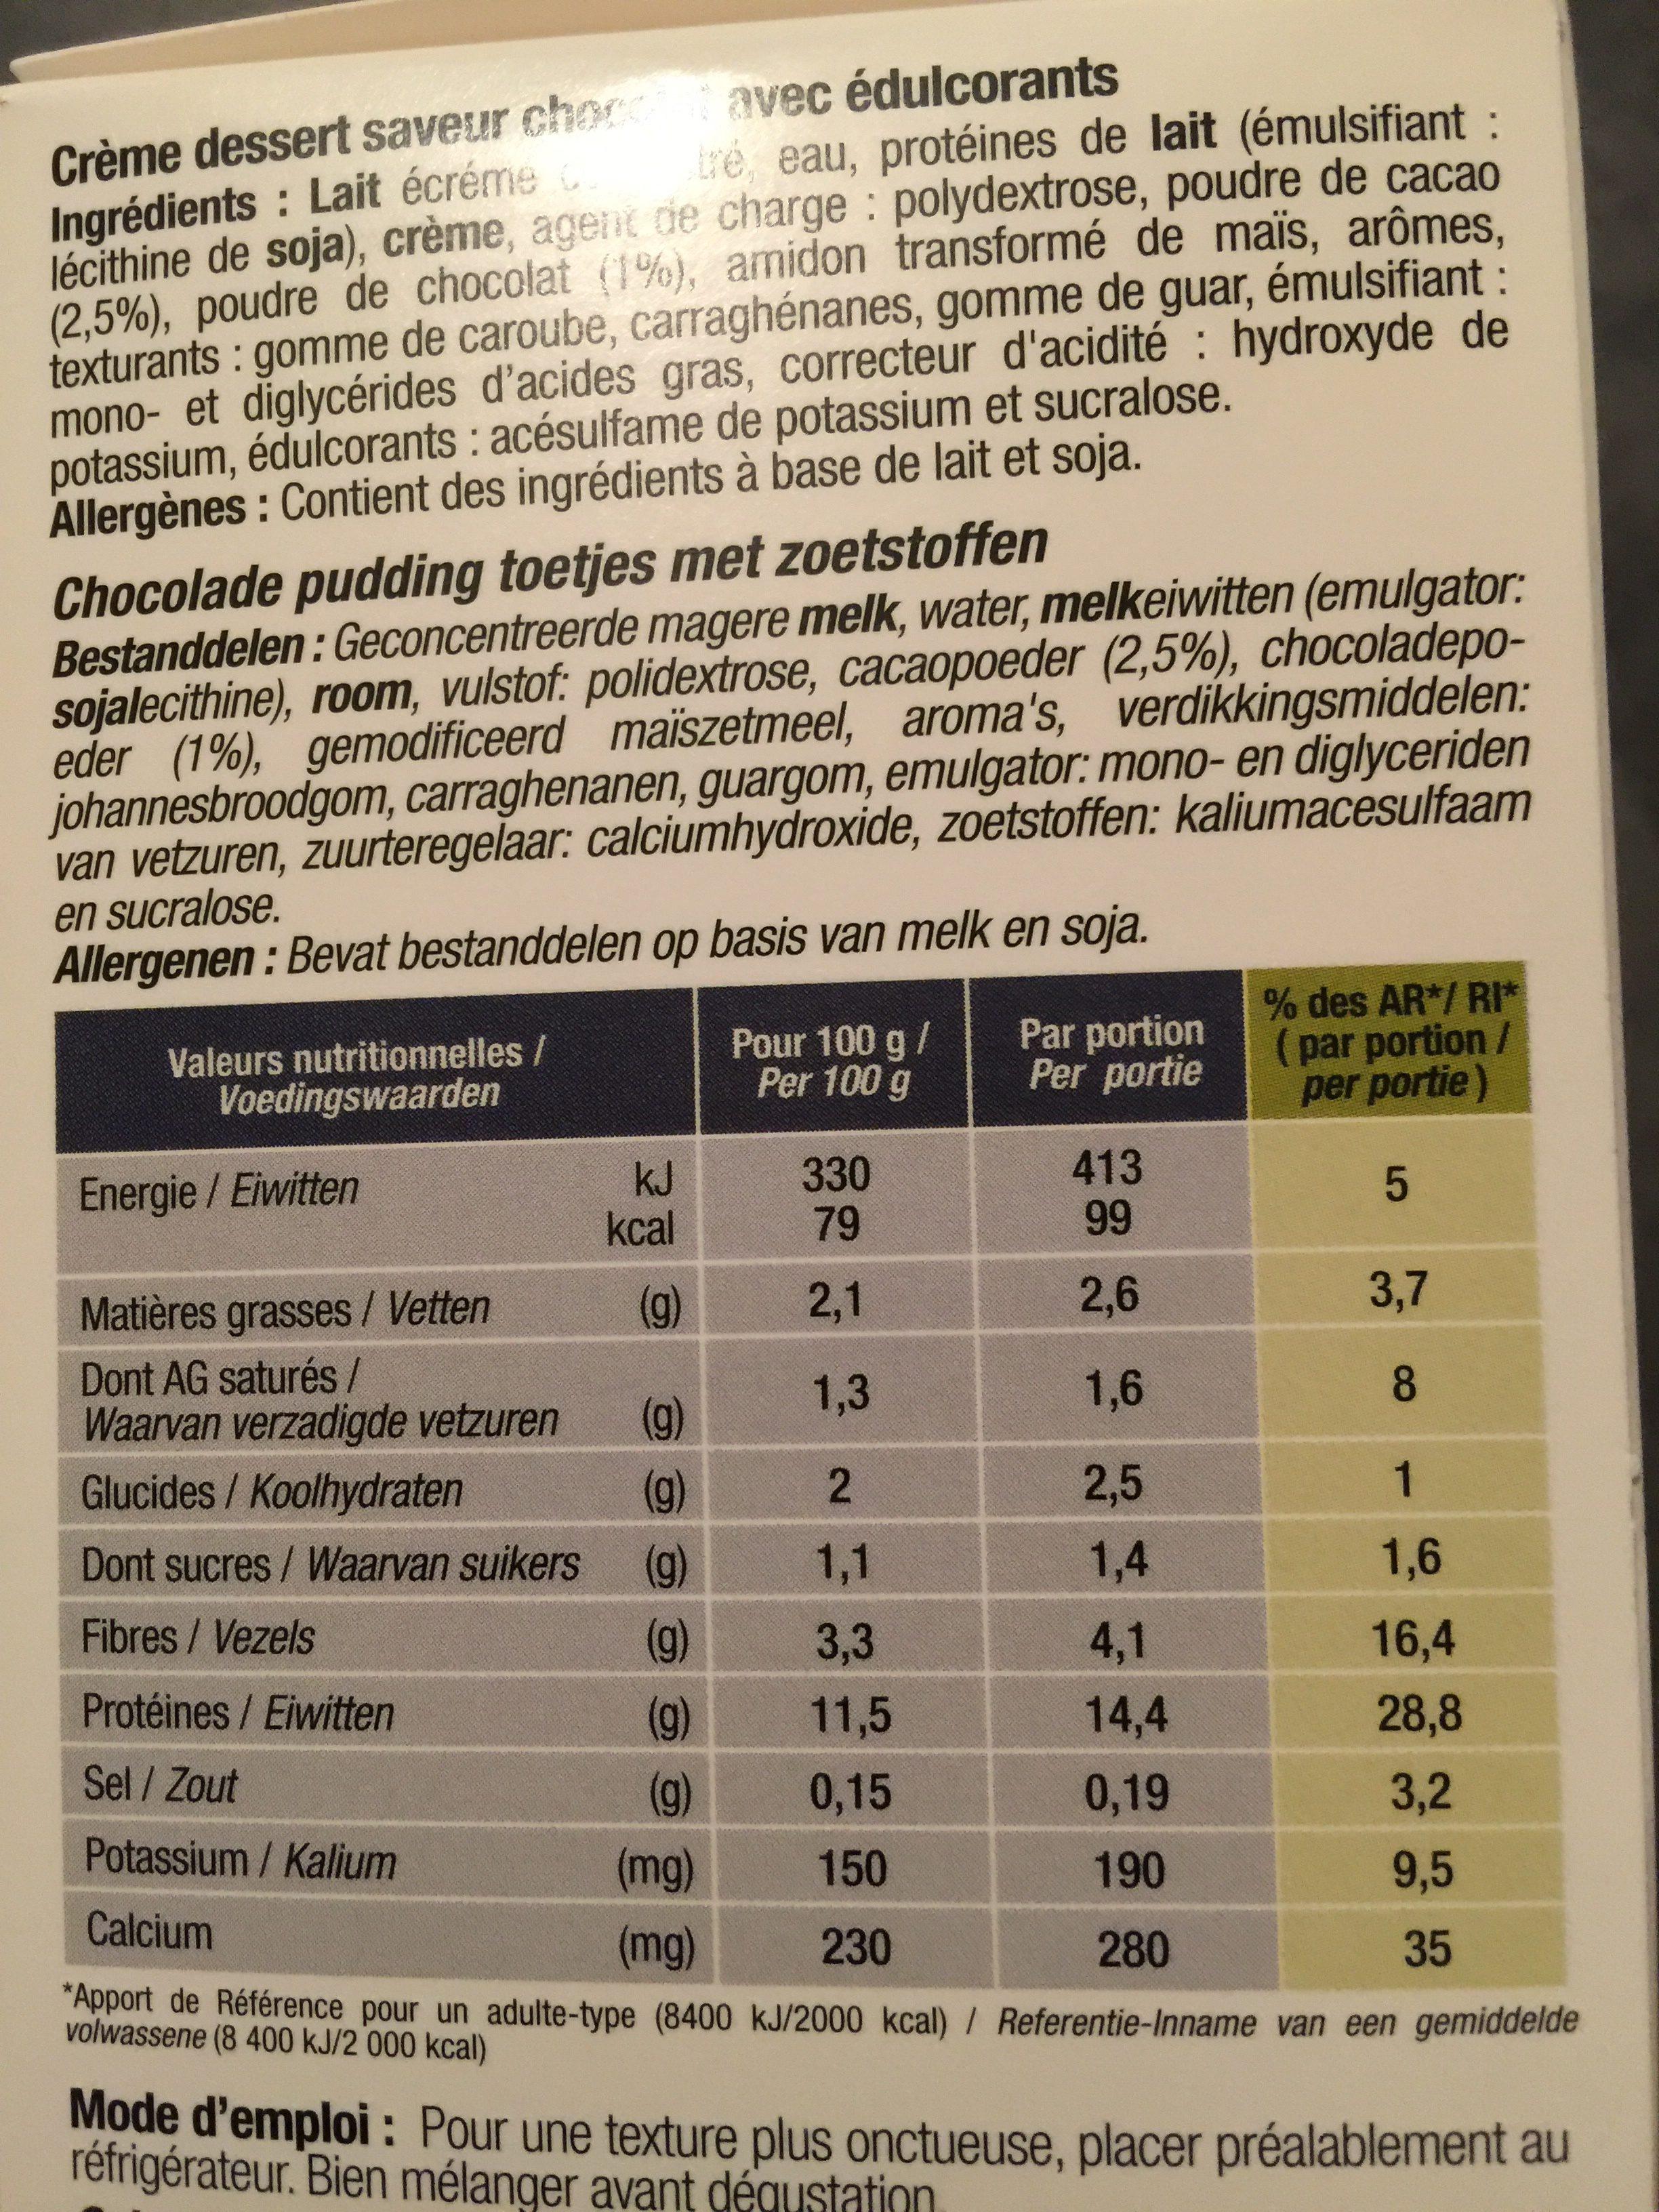 Nutrisaveurs Crèmes Dessert Au Chocolat - Ingrédients - fr